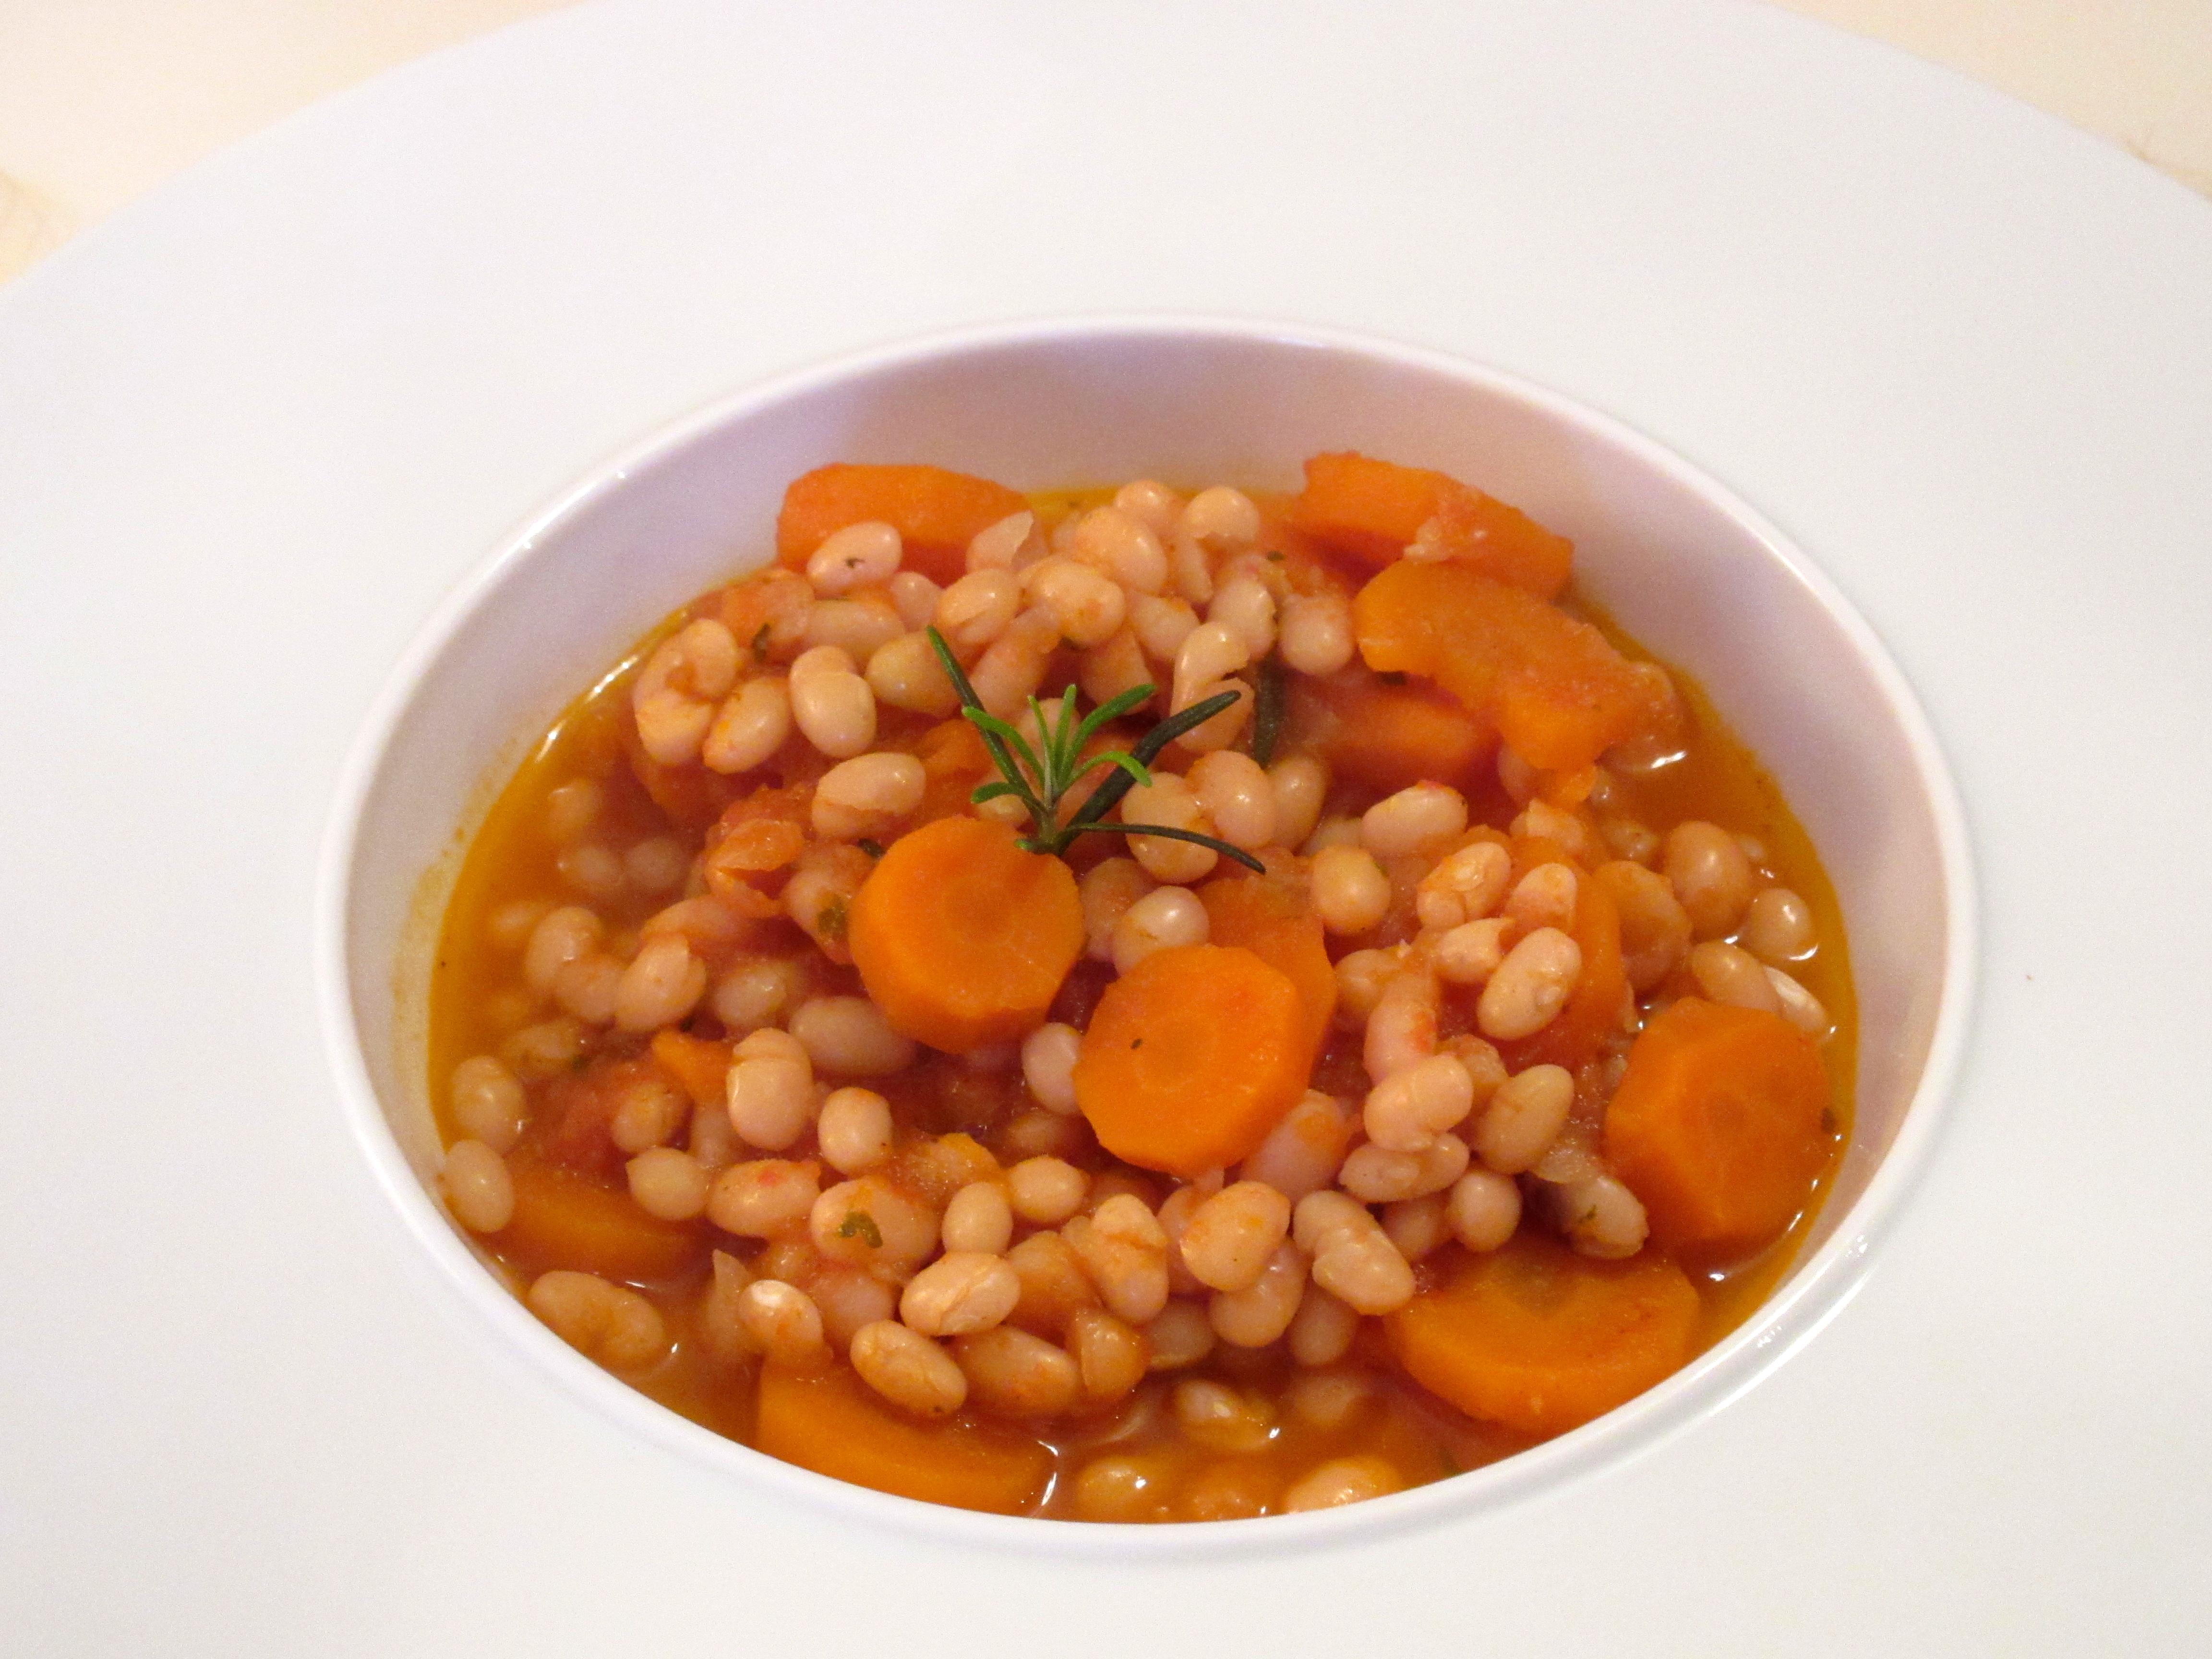 Haricots blancs et carottes mijotés à la sauce tomate : t ... on